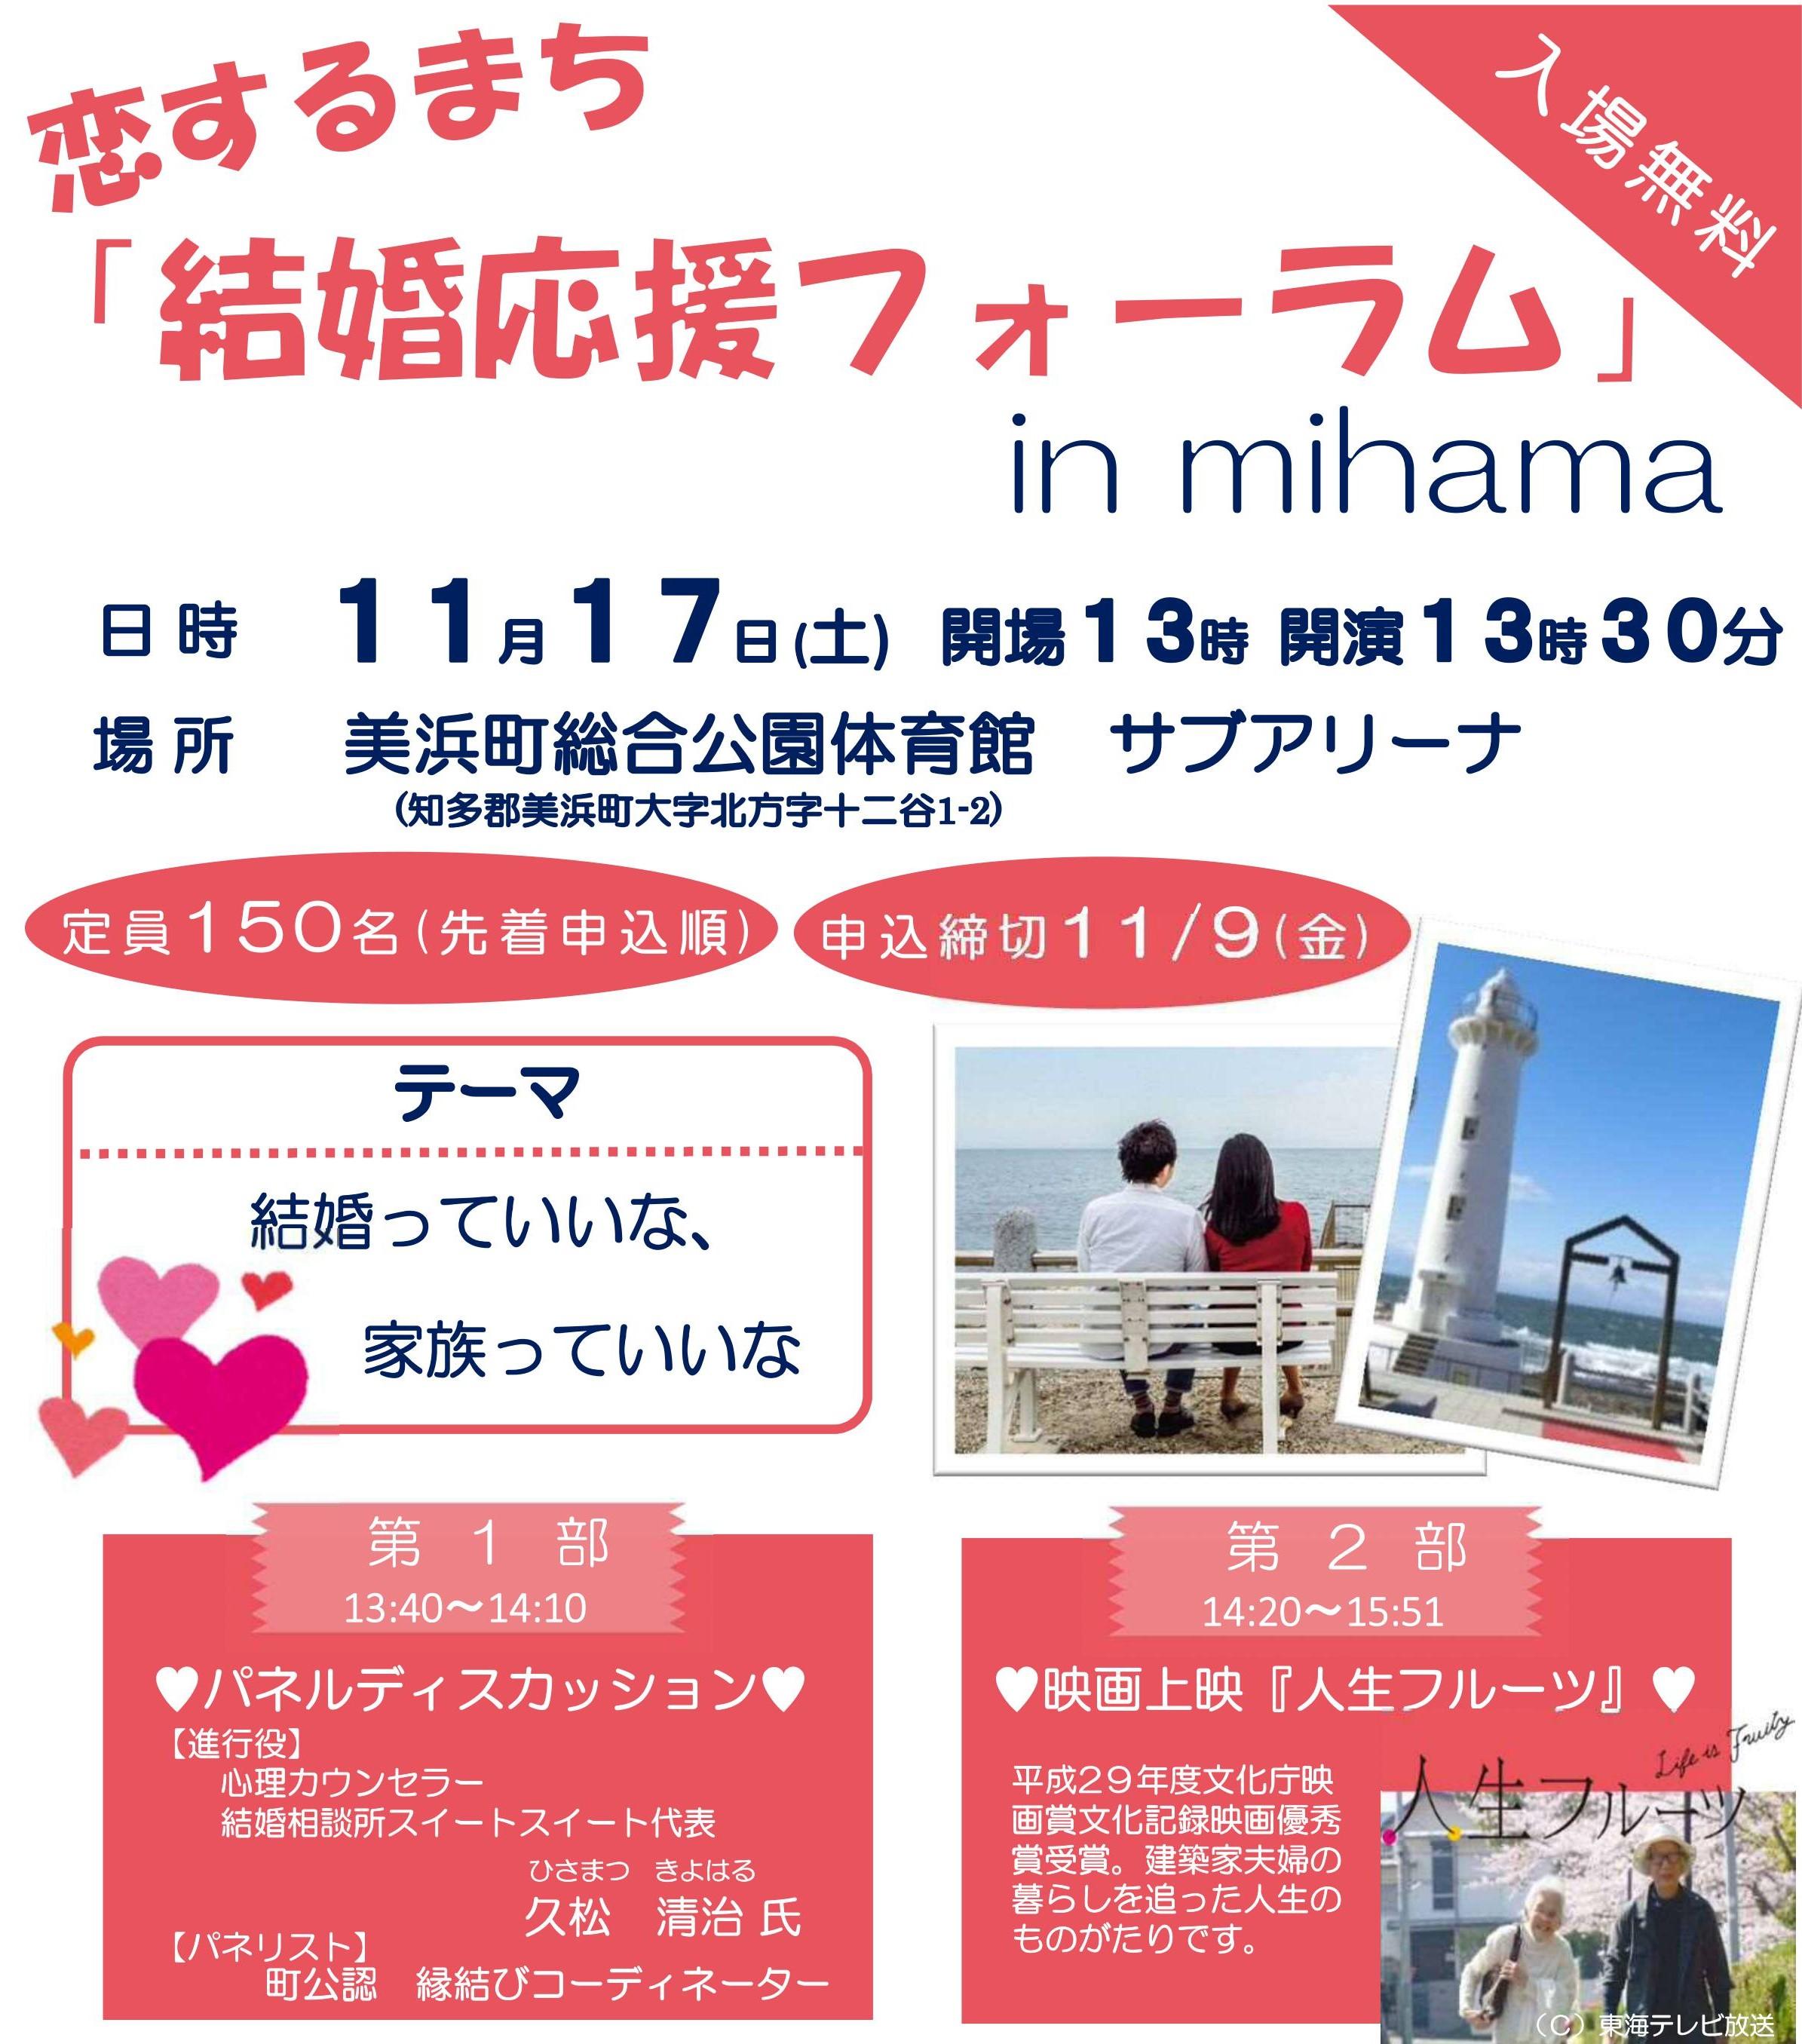 結婚相談所スイートスイート名古屋から『結婚応援フォーラム』のお知らせ!